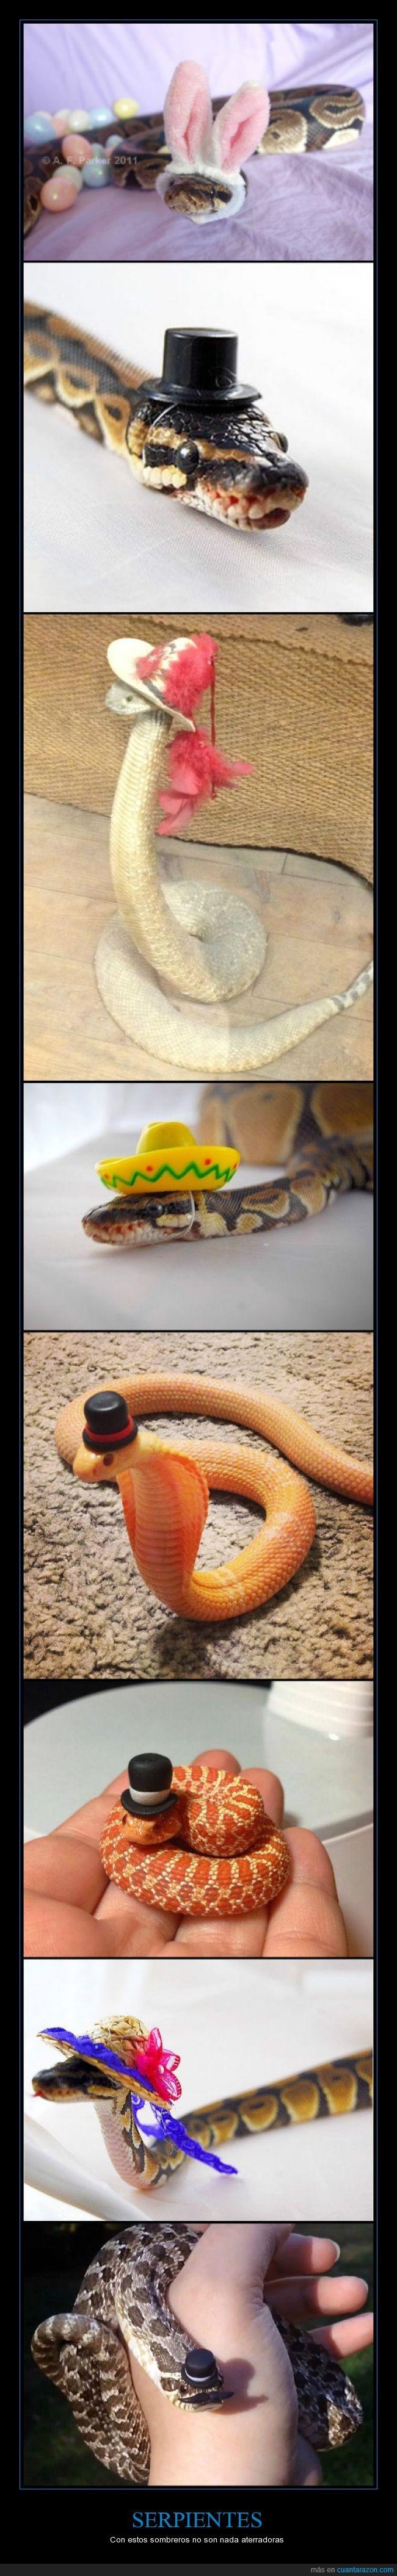 bigotes,copa alta,like a sir,monas,orejas de conejo,pascua,serpientes,sombreros